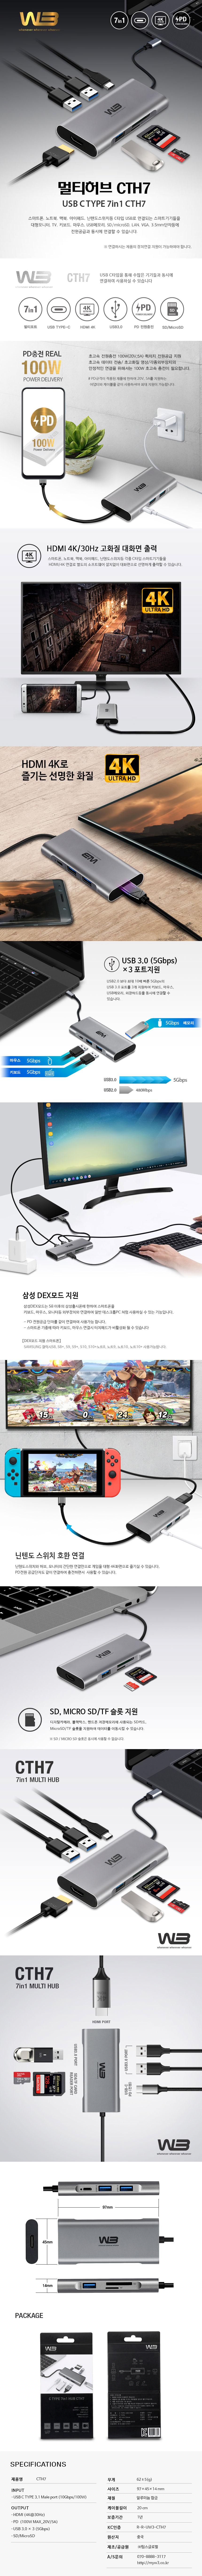 [W3] C타입 7in1 멀티허브 태블릿 스마트폰 노트북 닌텐도스위치 호환 PD 100W 급속충전 [CTH-7]